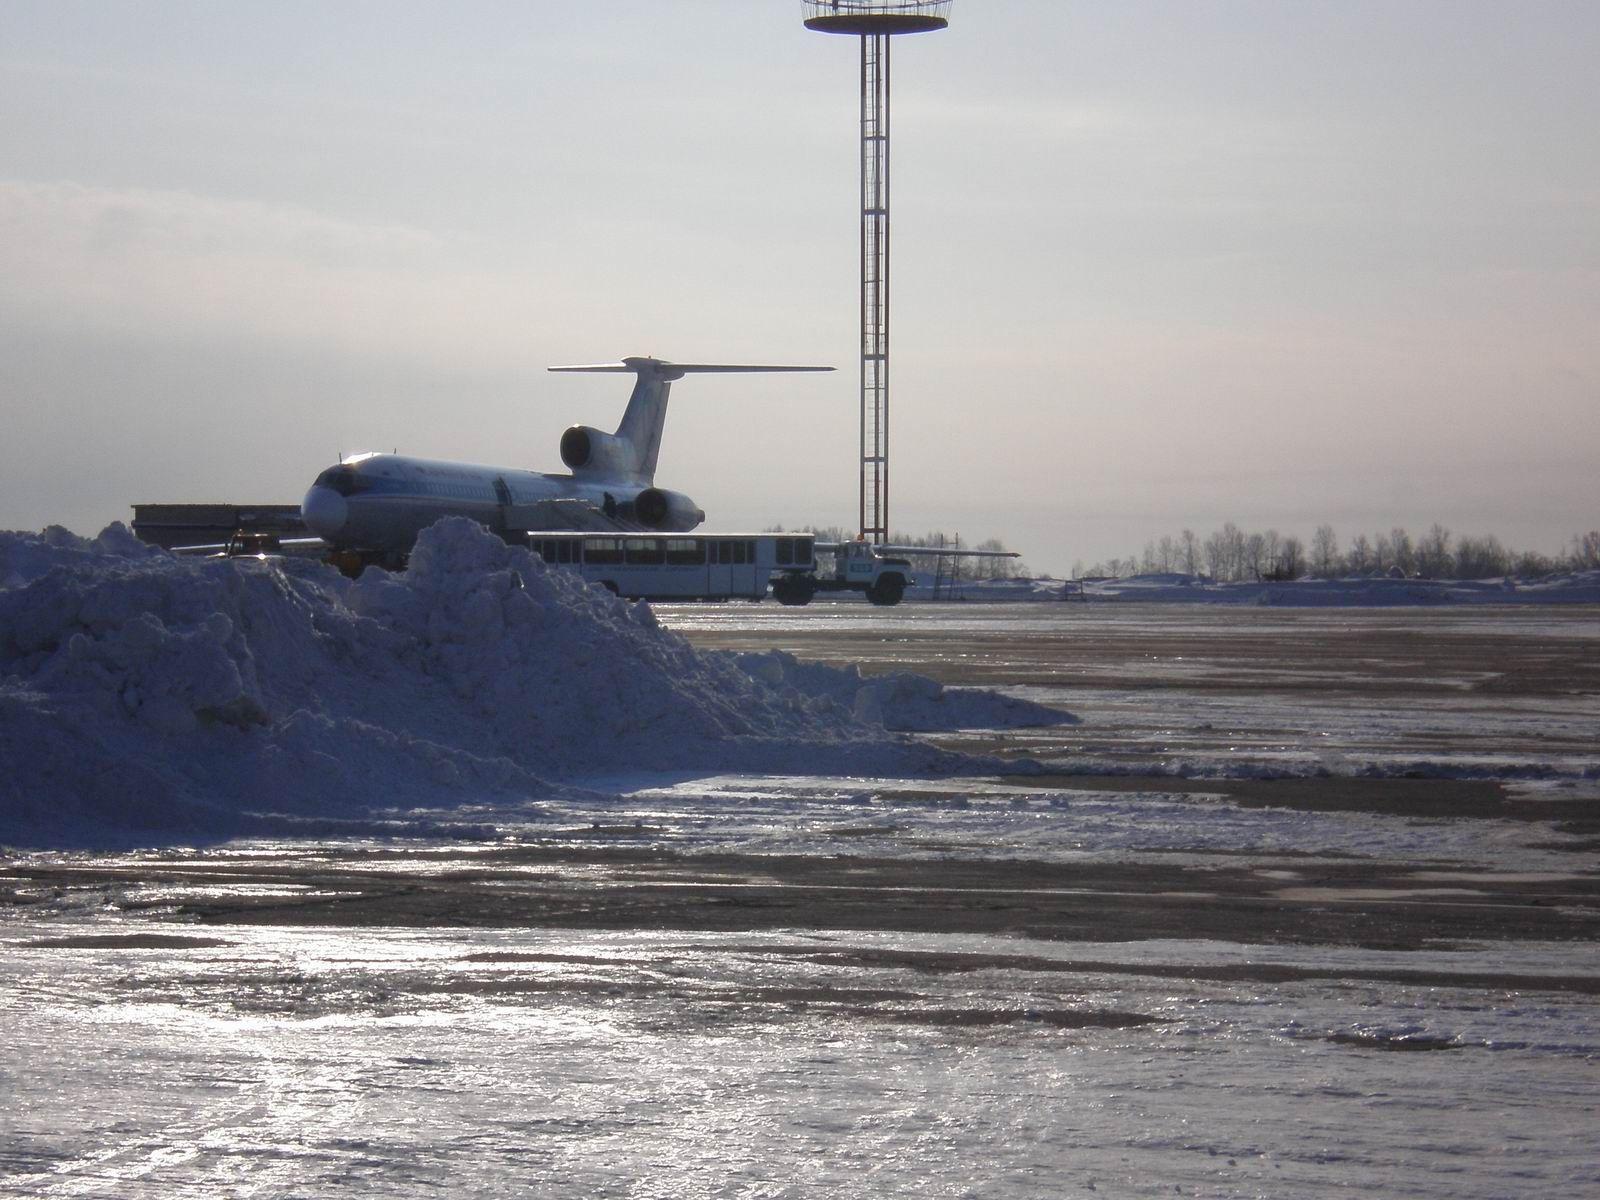 Ту-154 Владивосток Авиа.JPG